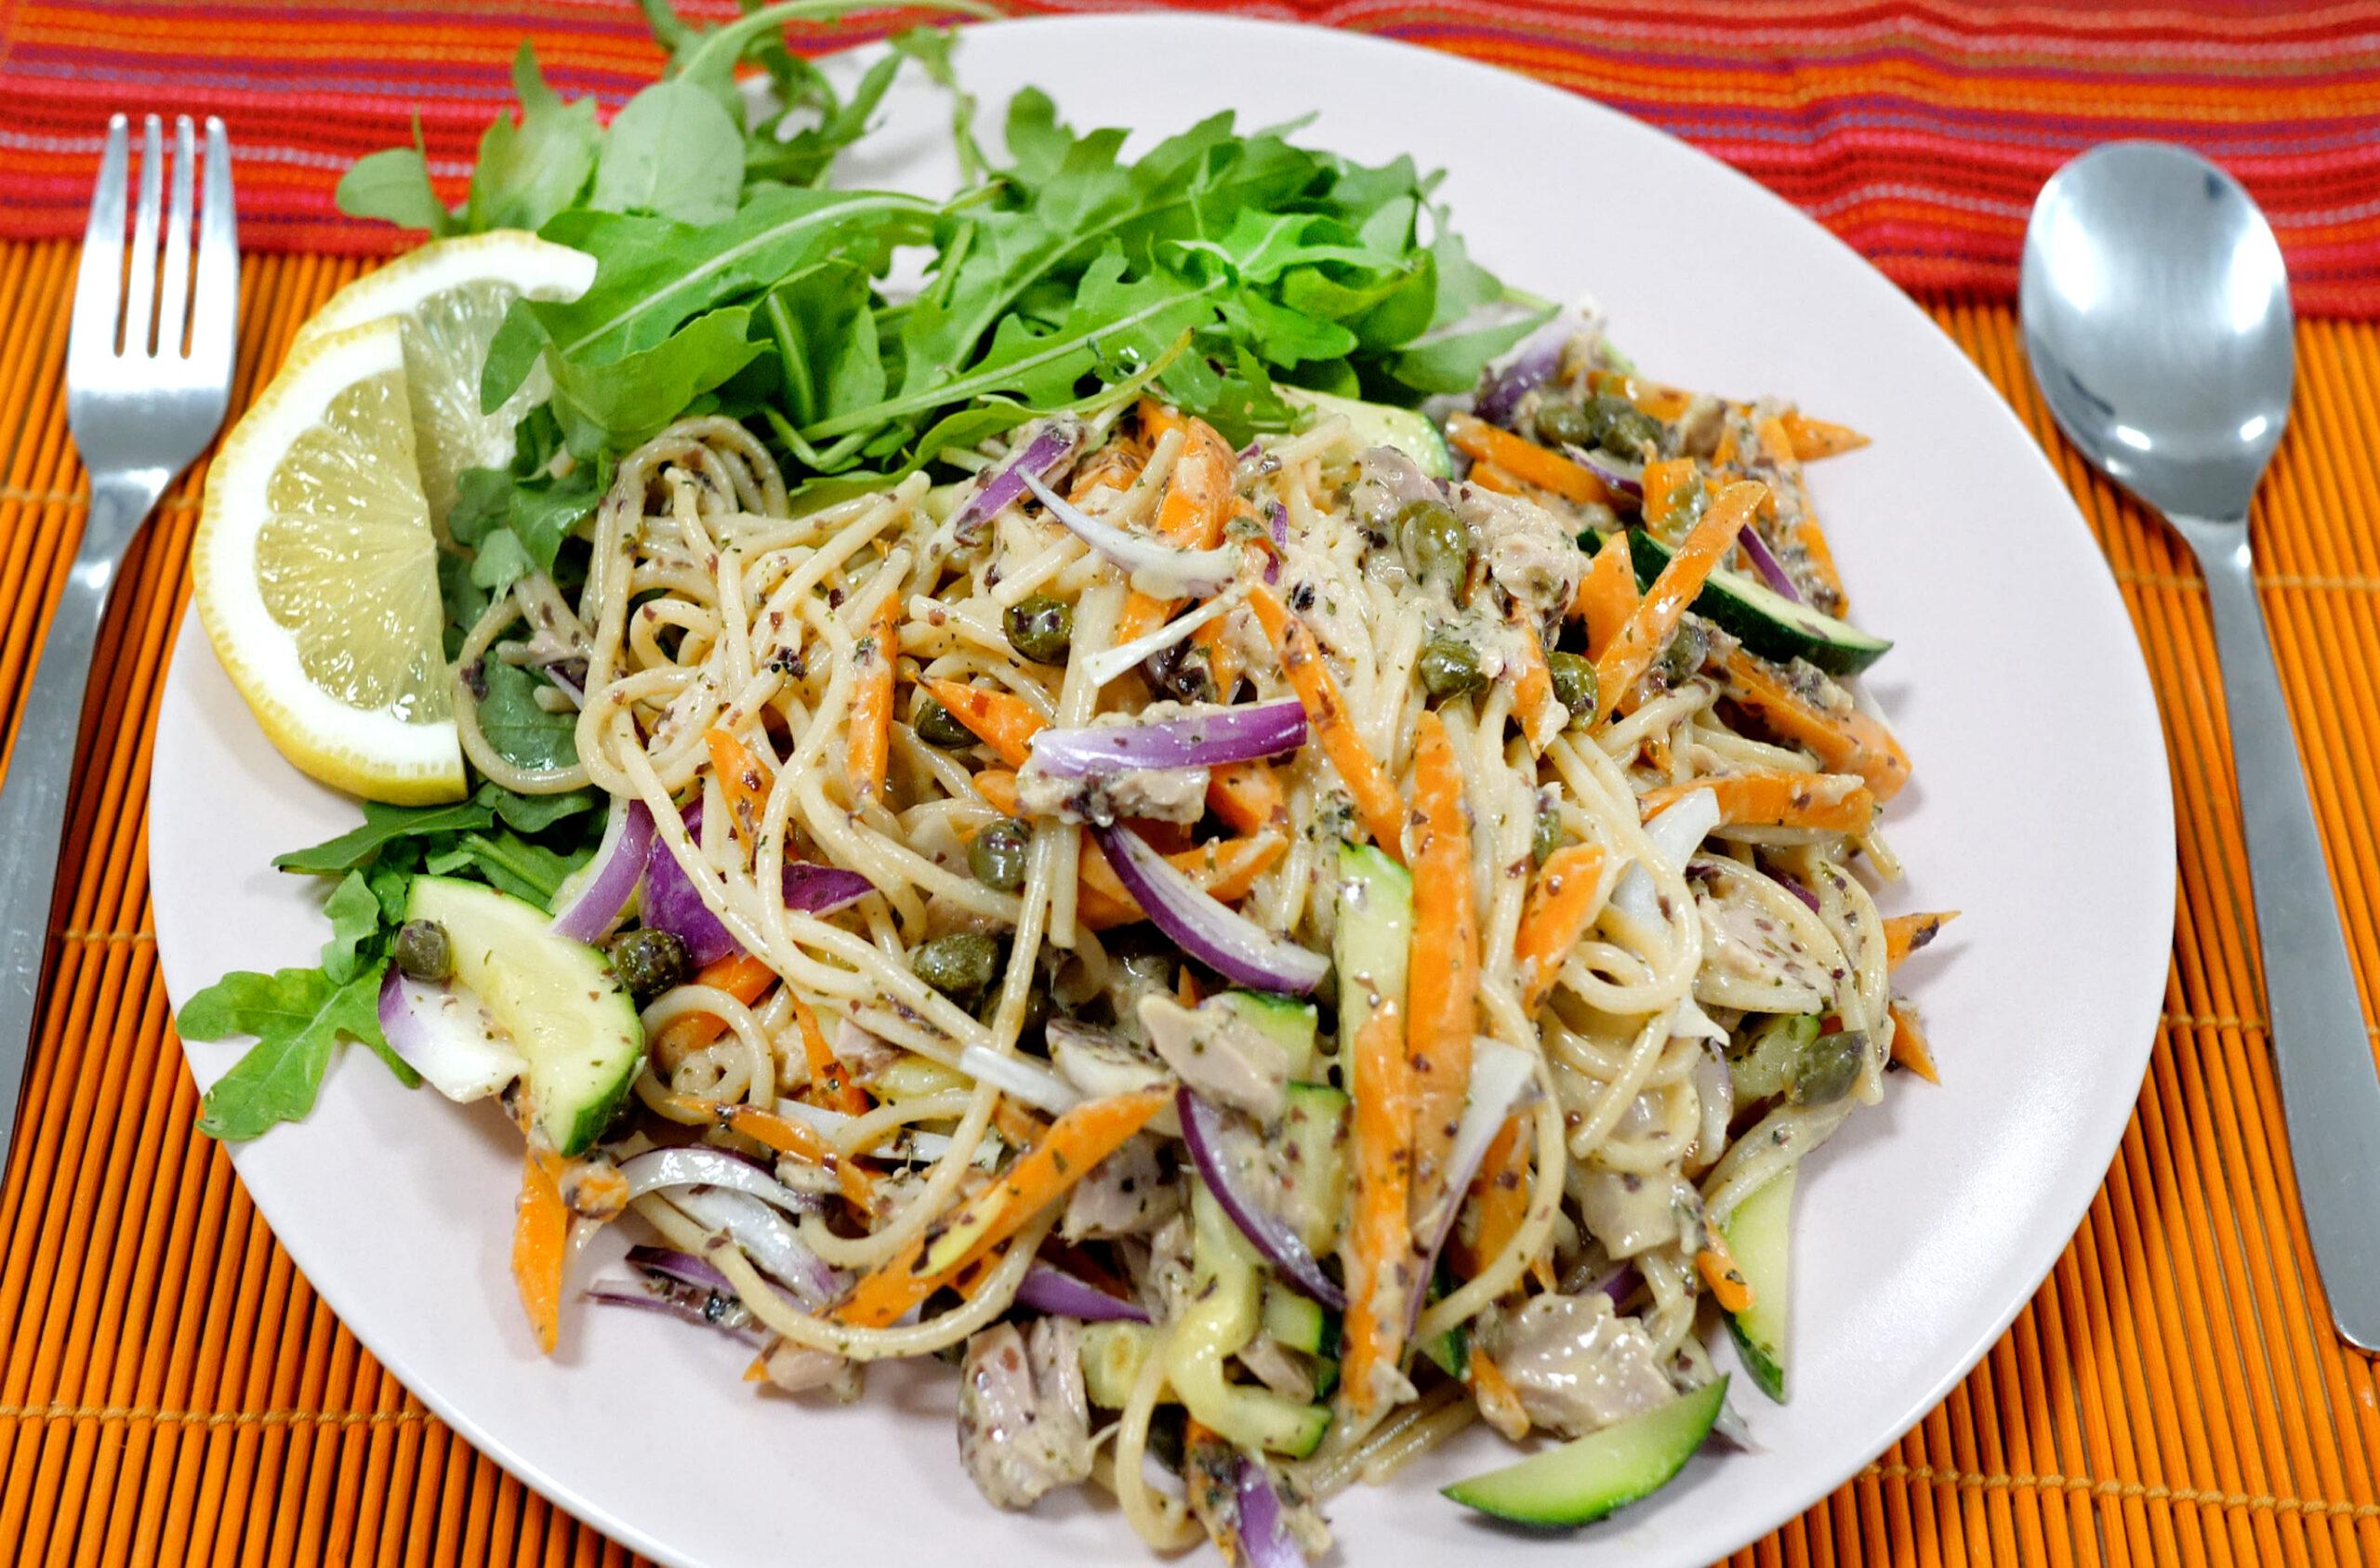 plantaardige tonijn-spaghetti - Vegan tonijn-spaghetti een lekkere pasta